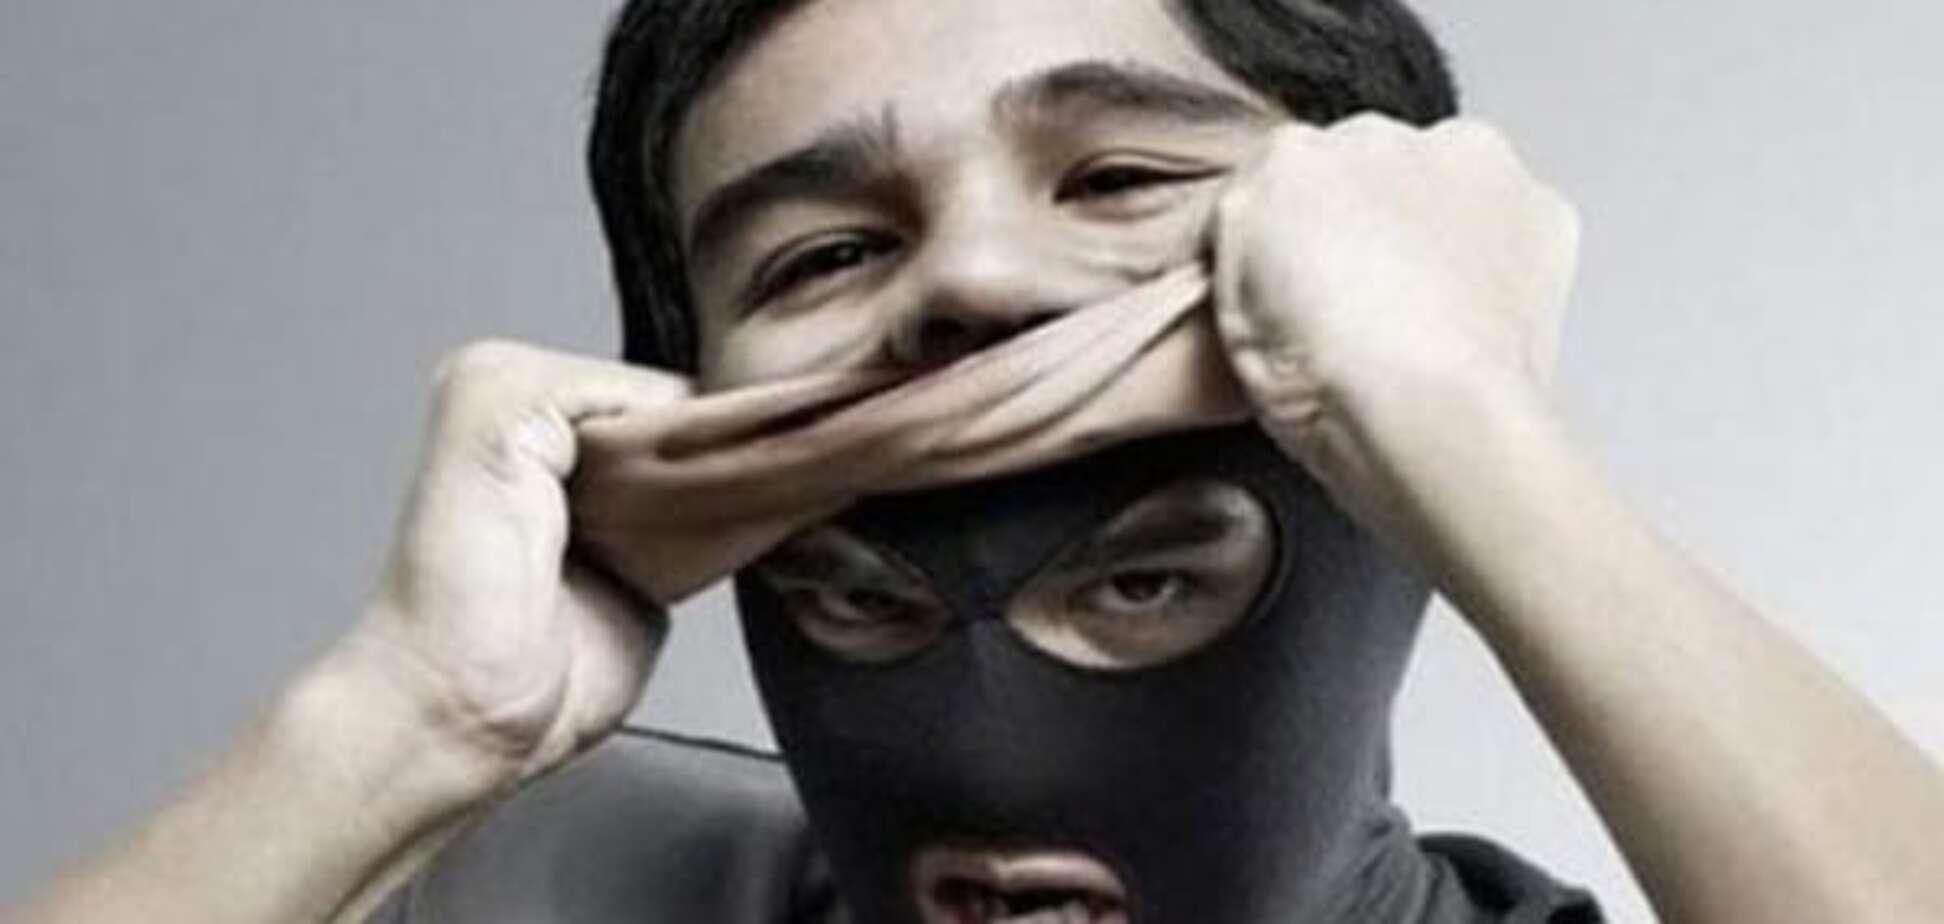 Кияни почали скаржитися на терор 'гастролюючих' грабіжників